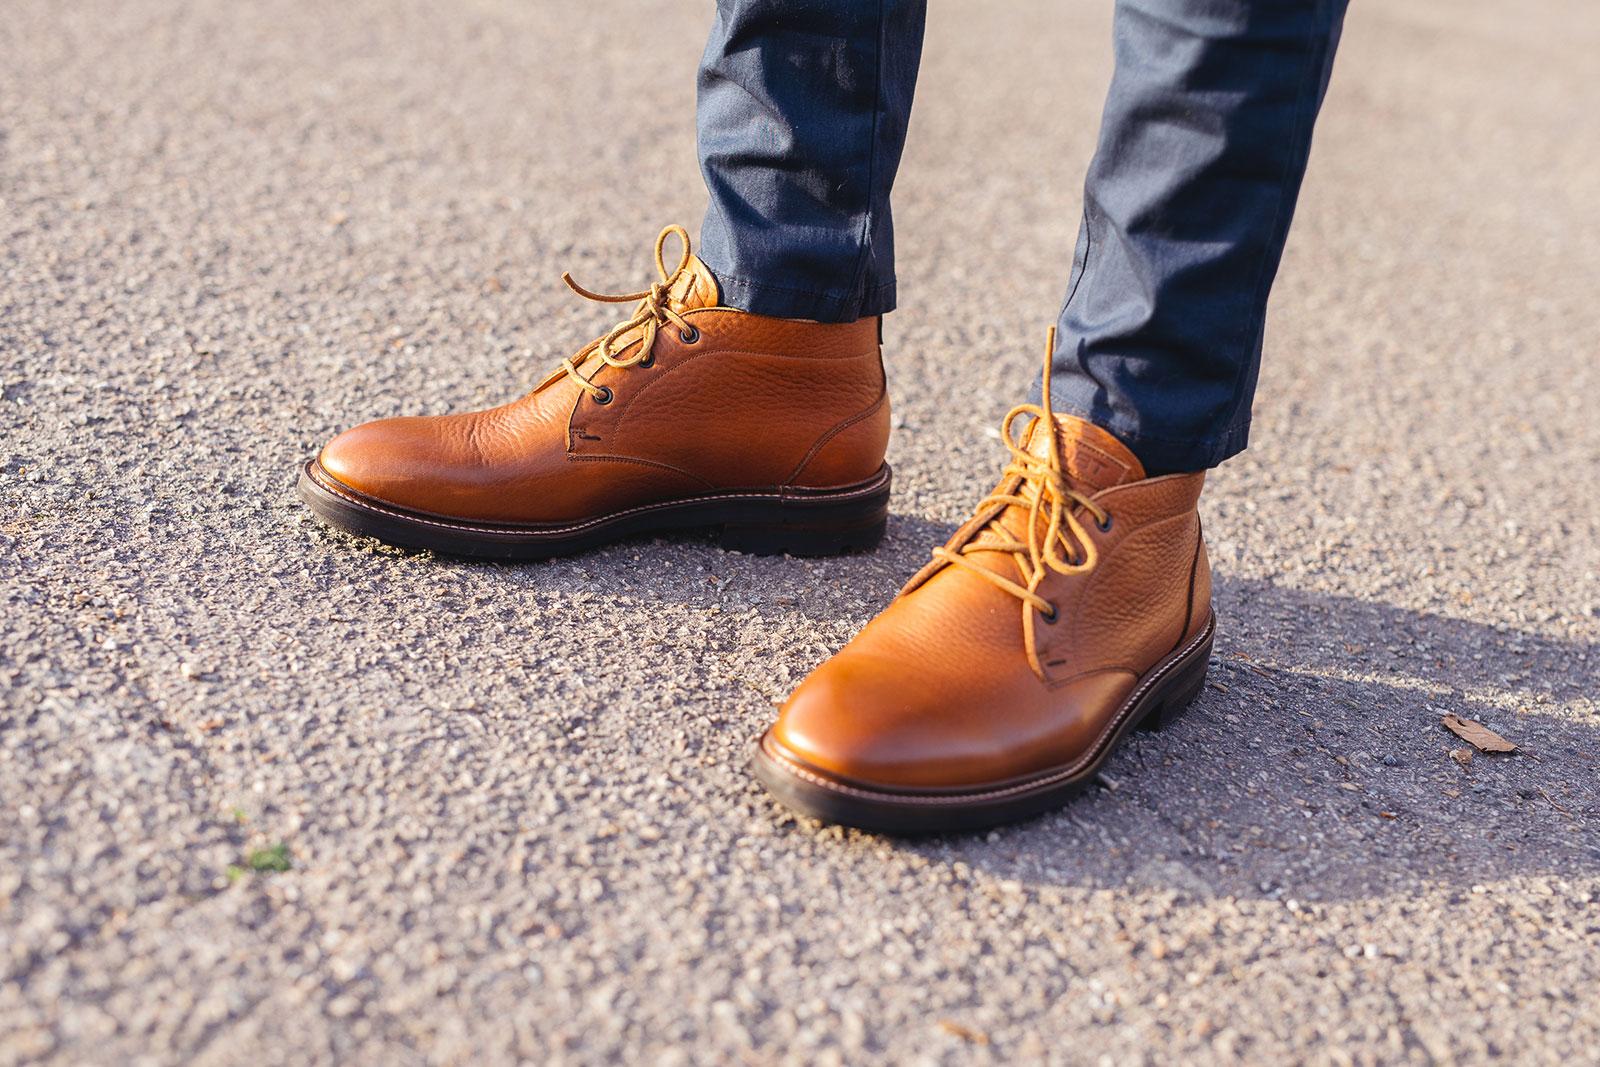 amp; amp; Chaussures Urbaines Décontractées Urbaines Décontractées Kost Kost Chaussures 0OxSw6q